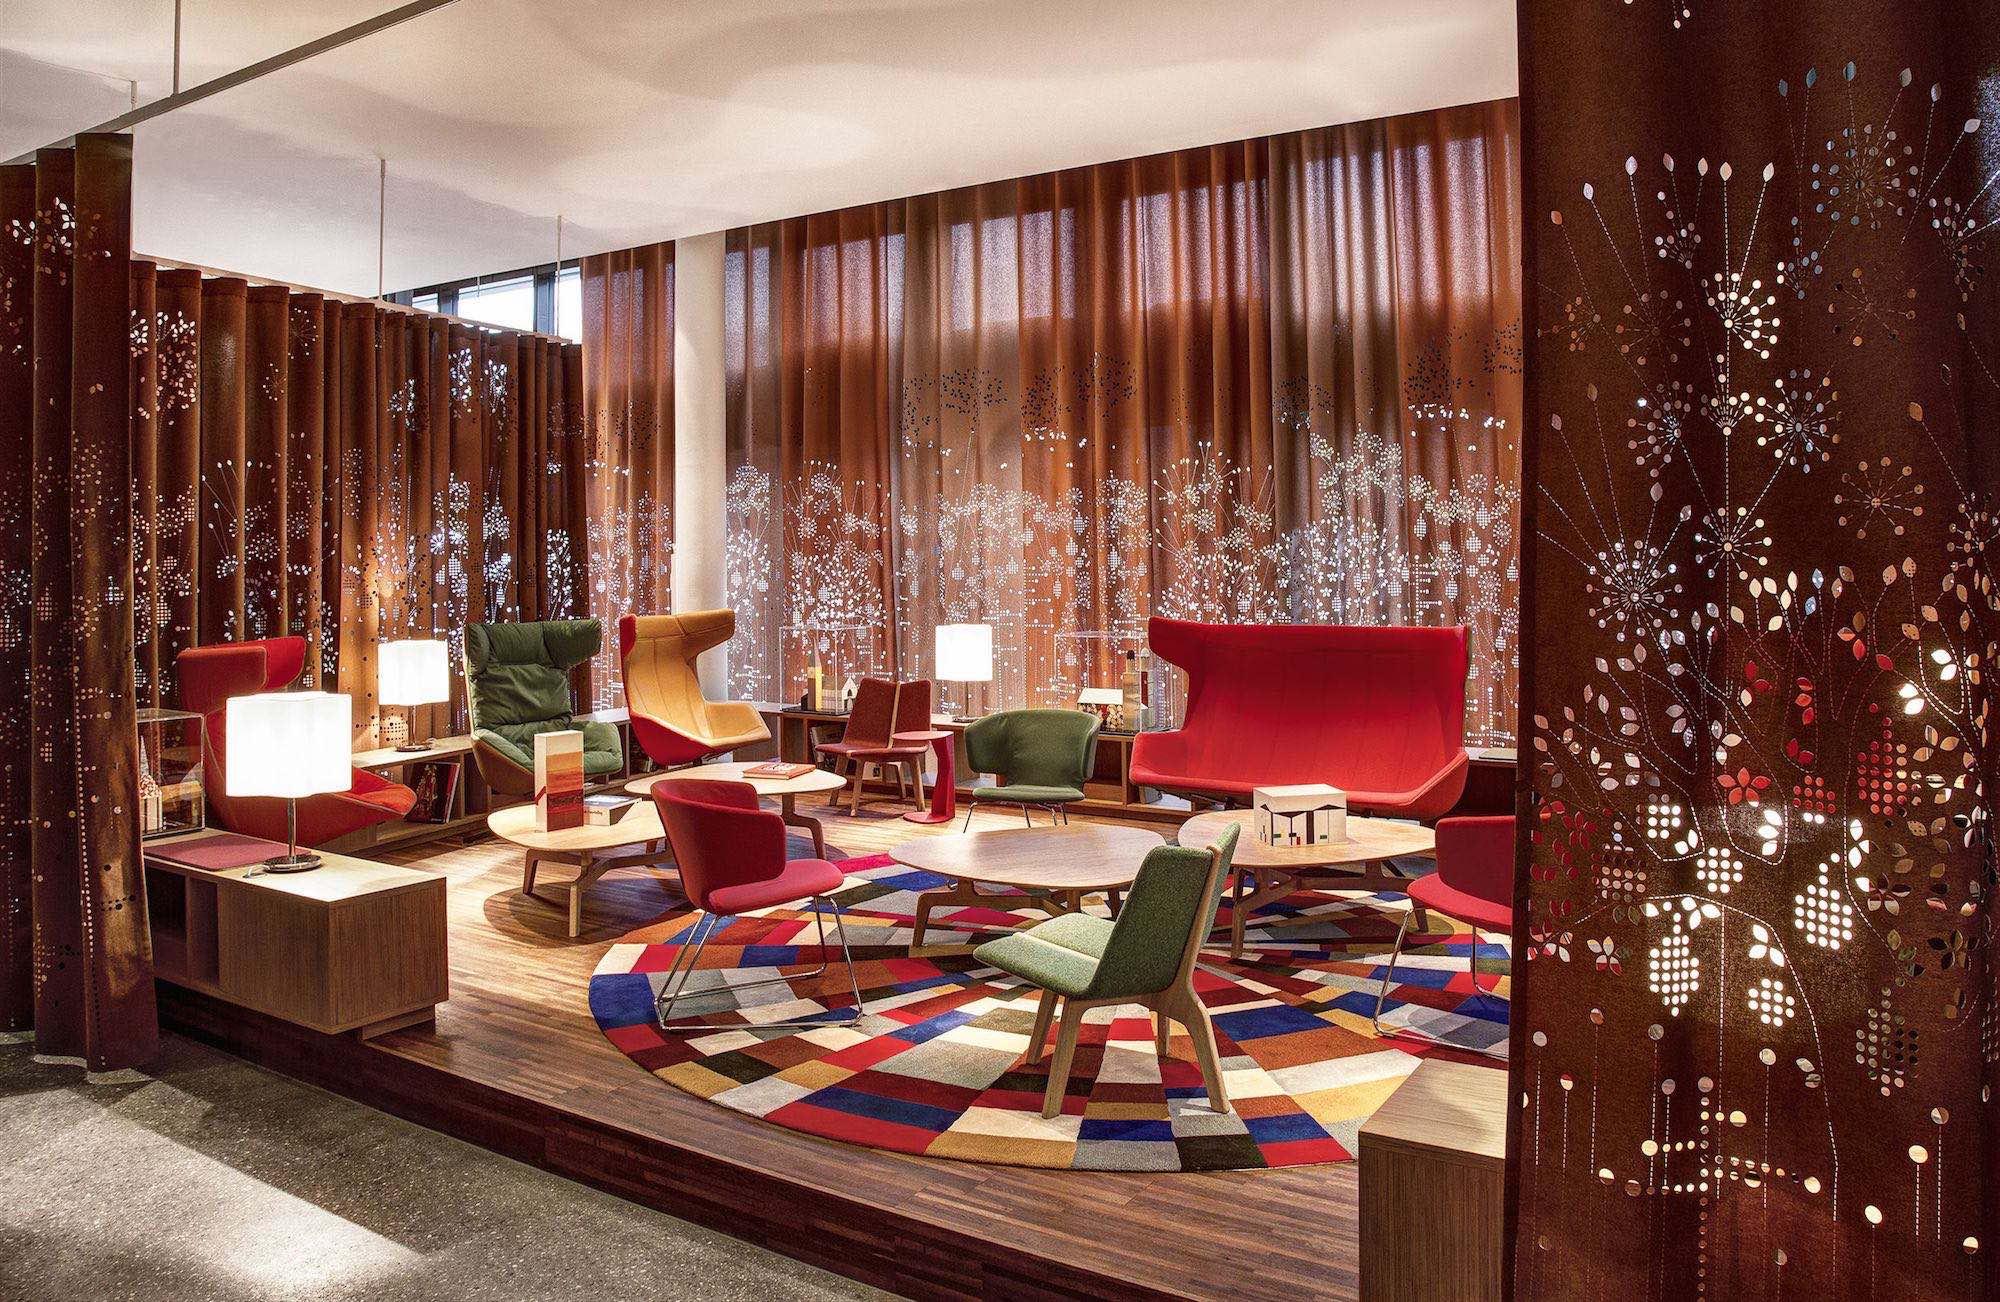 The 25hours Hotel Zurich West by Alfredo Häberli